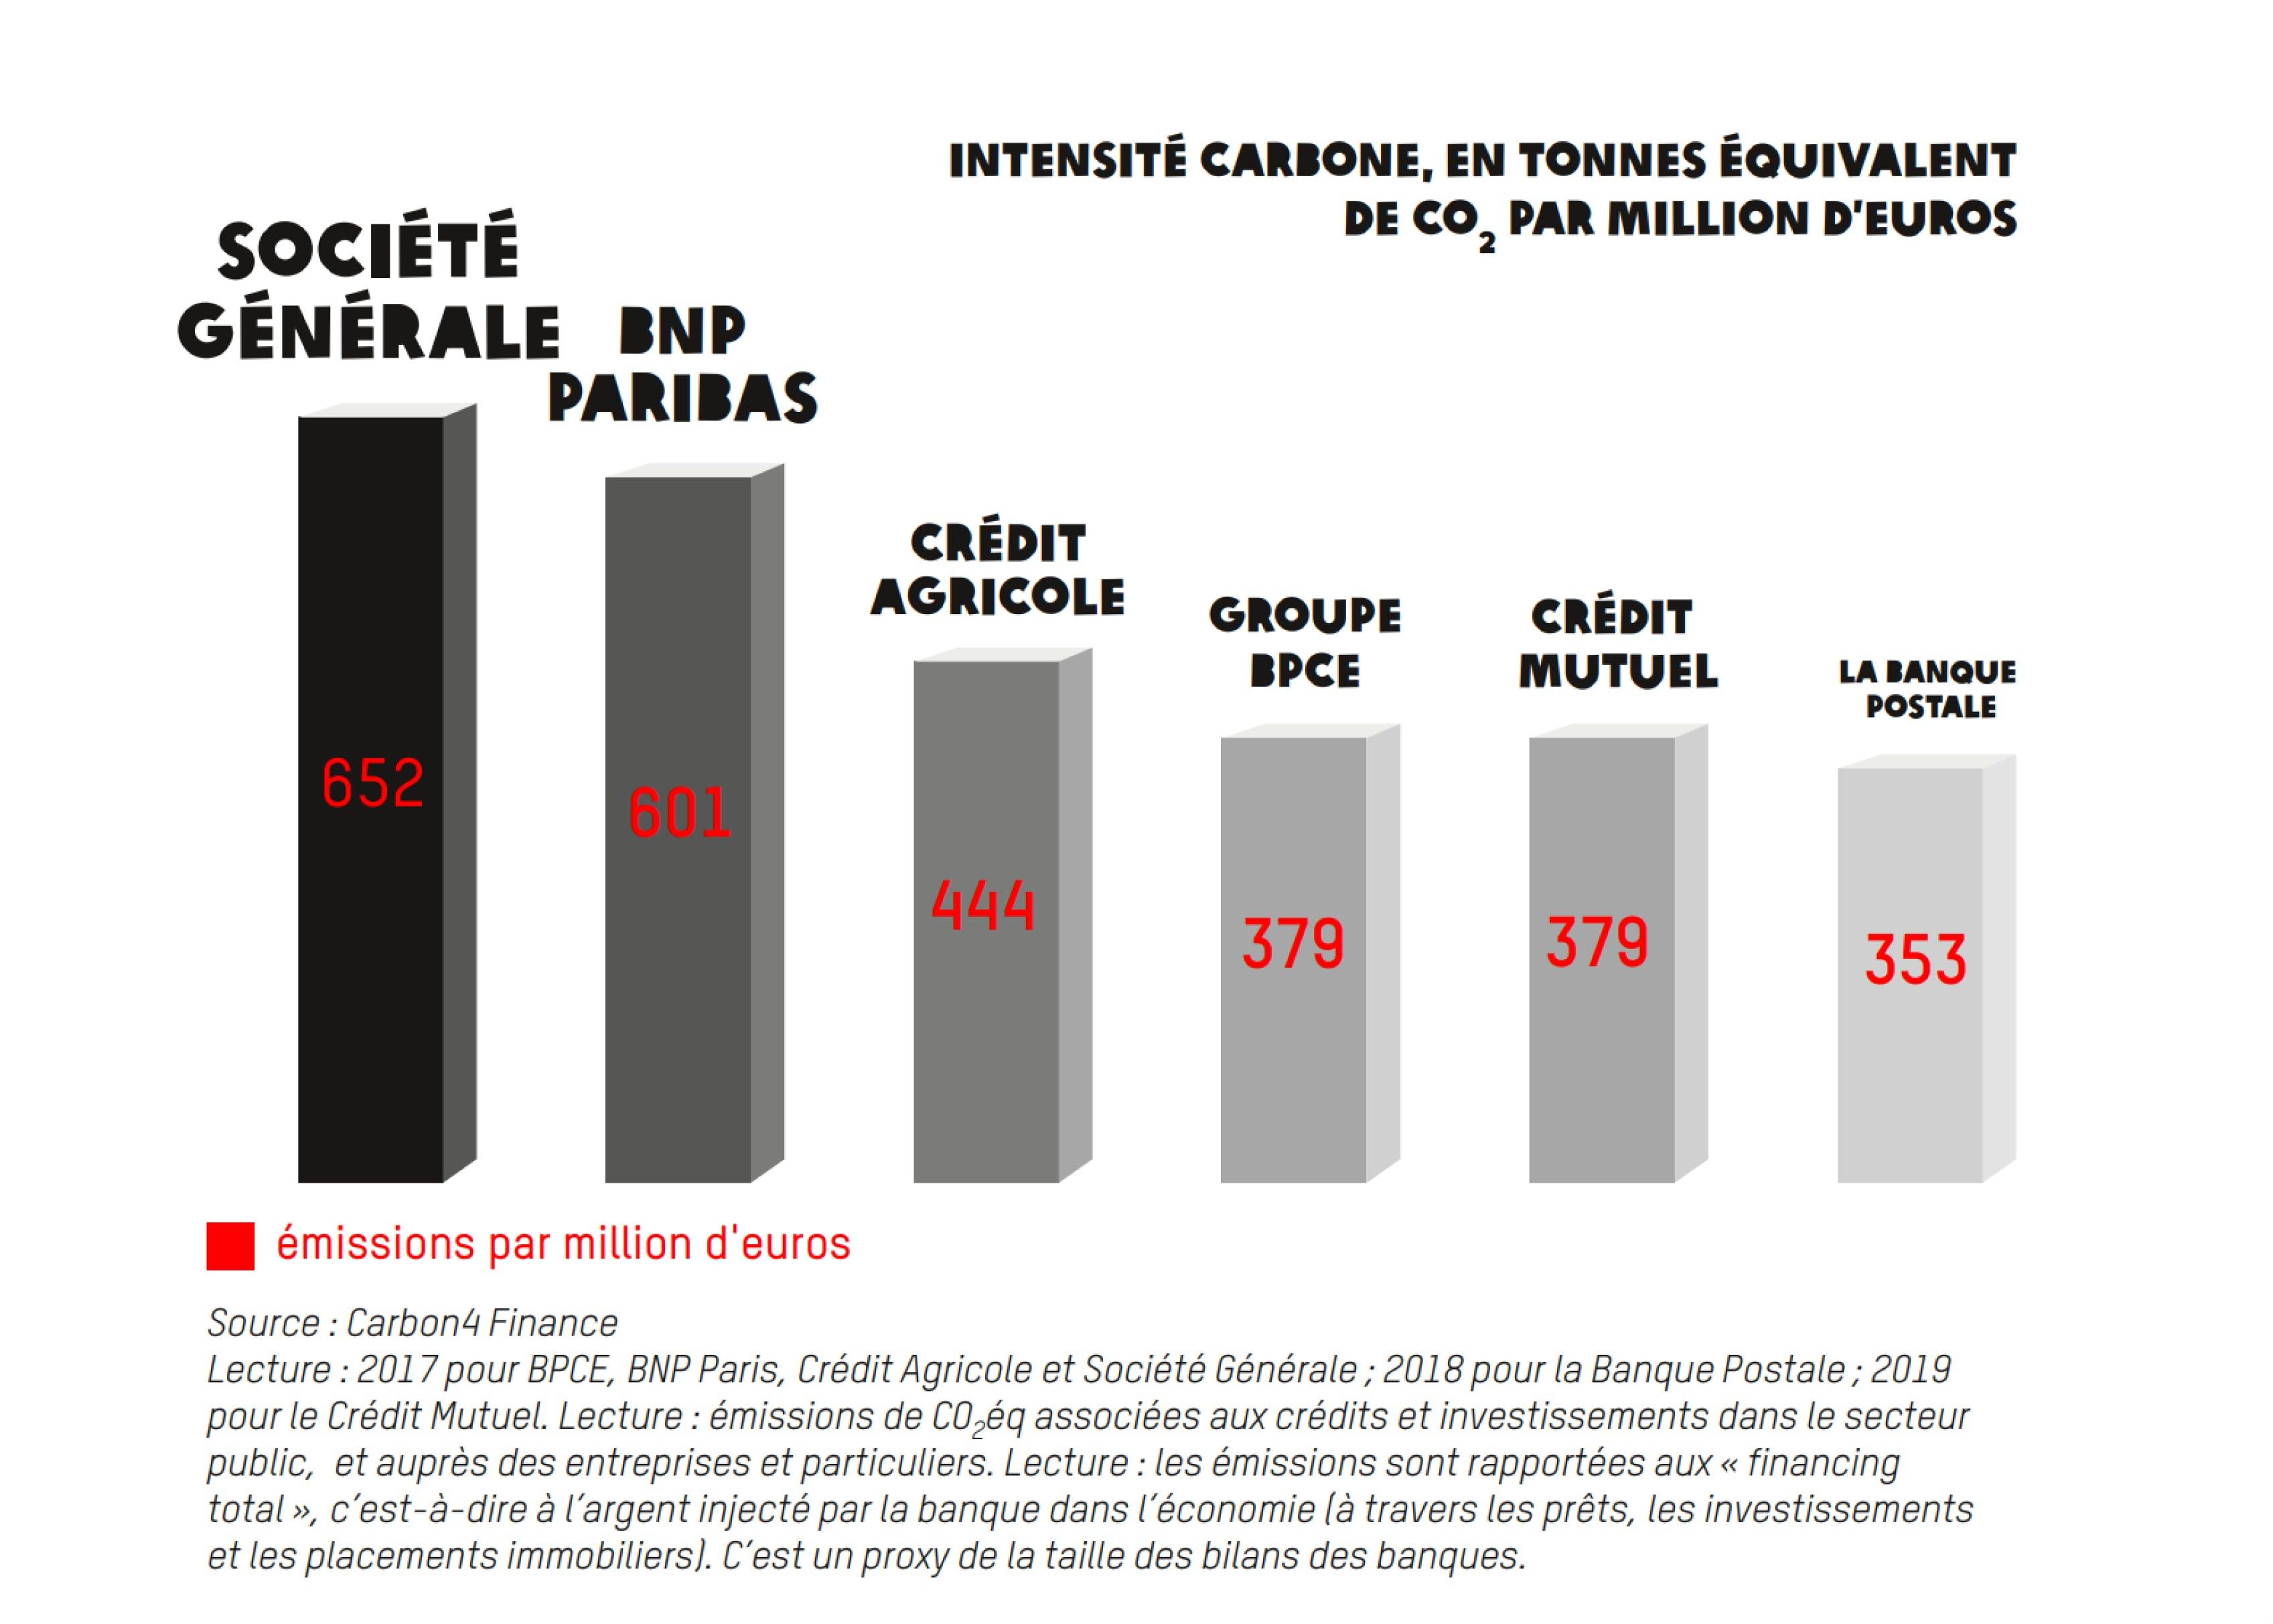 L'intensité carbone des 6 plus grandes banques françaises (Oxfam - octobre 2020)